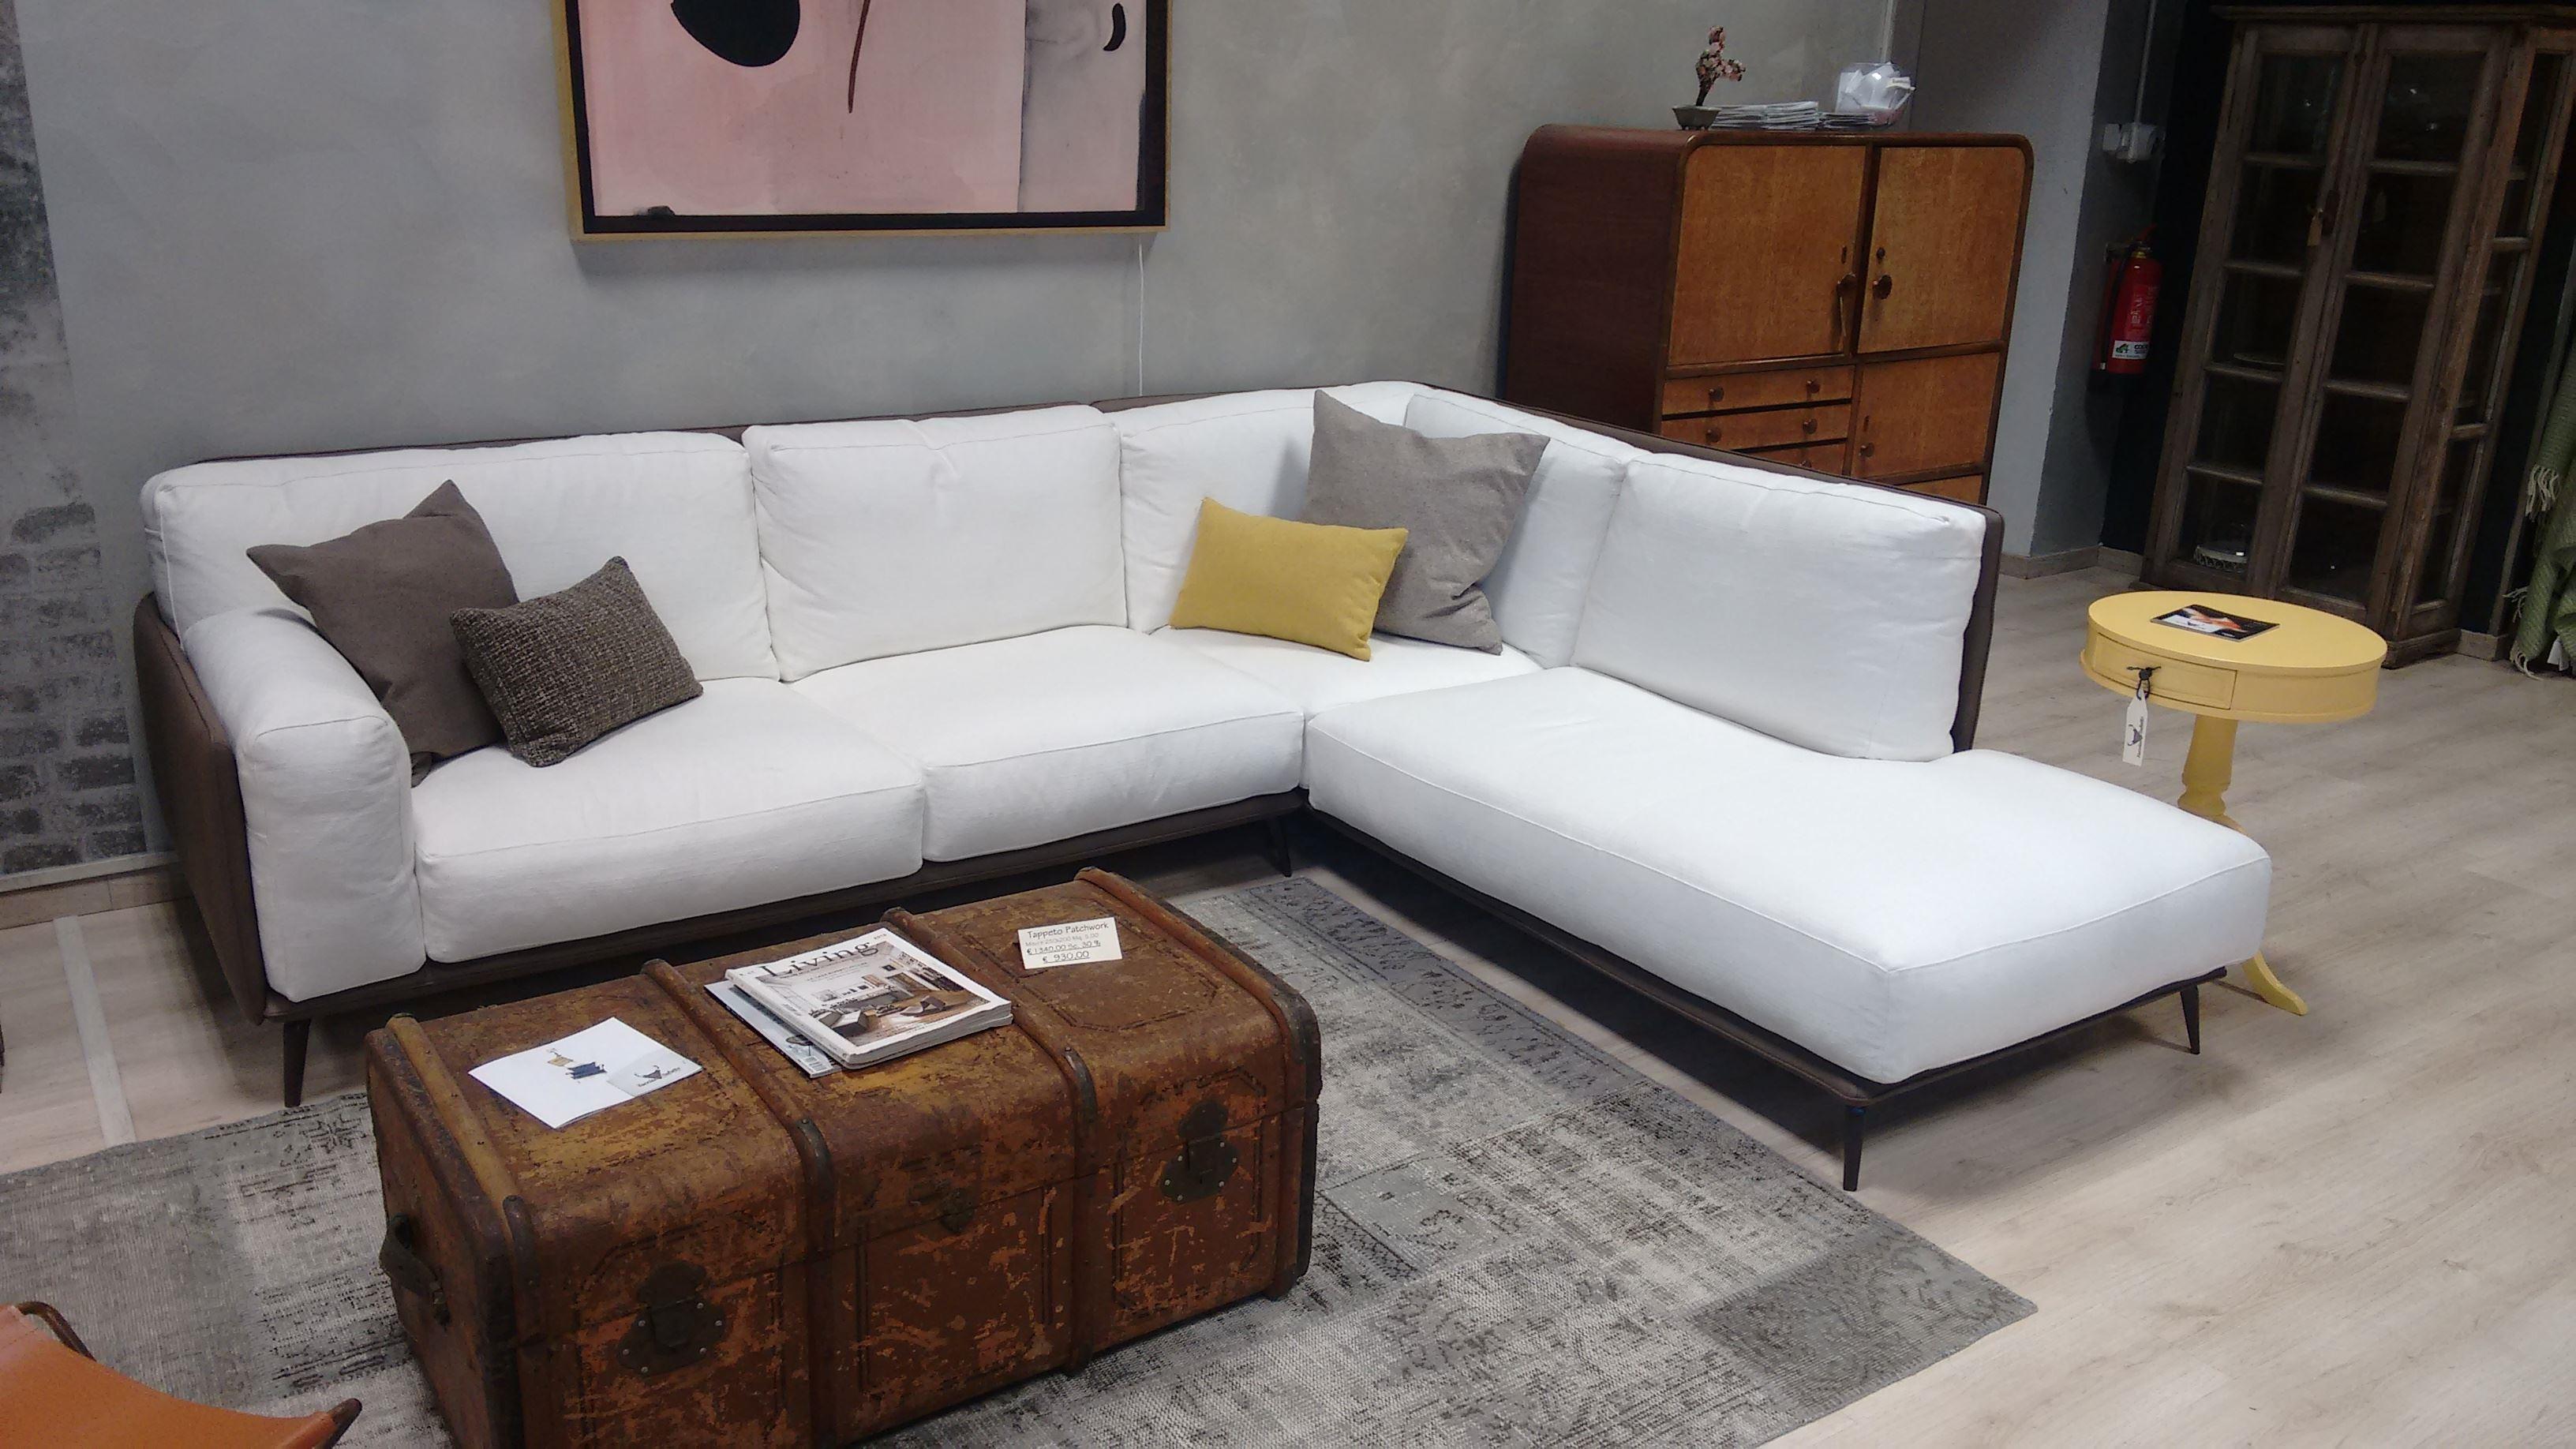 Divani bianchi in tessuto: divano blu cuscini bianco spunti per ...